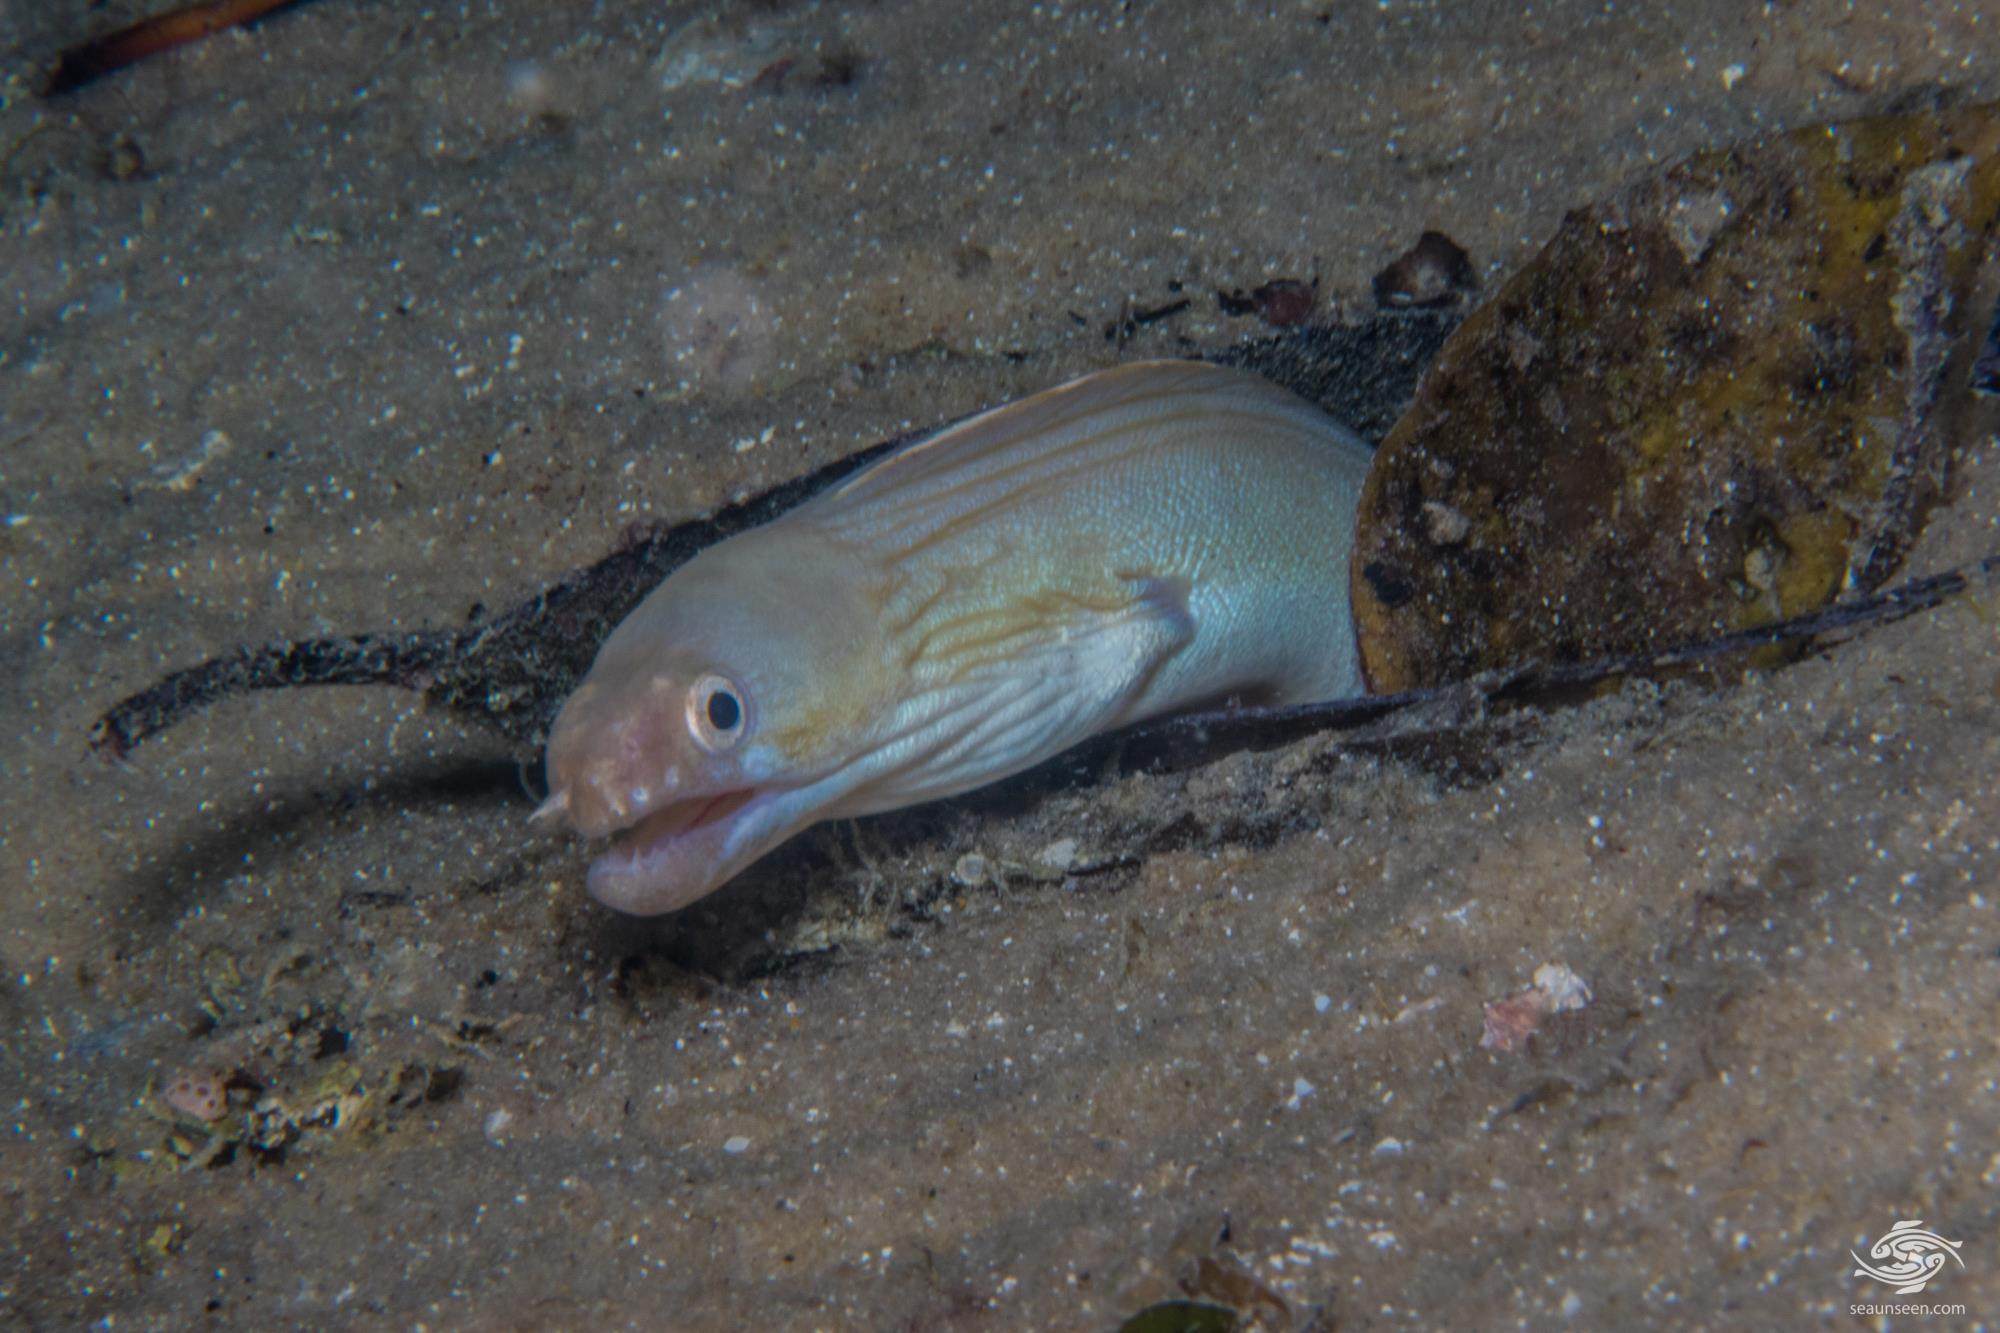 Whitemargin moray or the white-edged moray, Gymnothorax albimarginatus